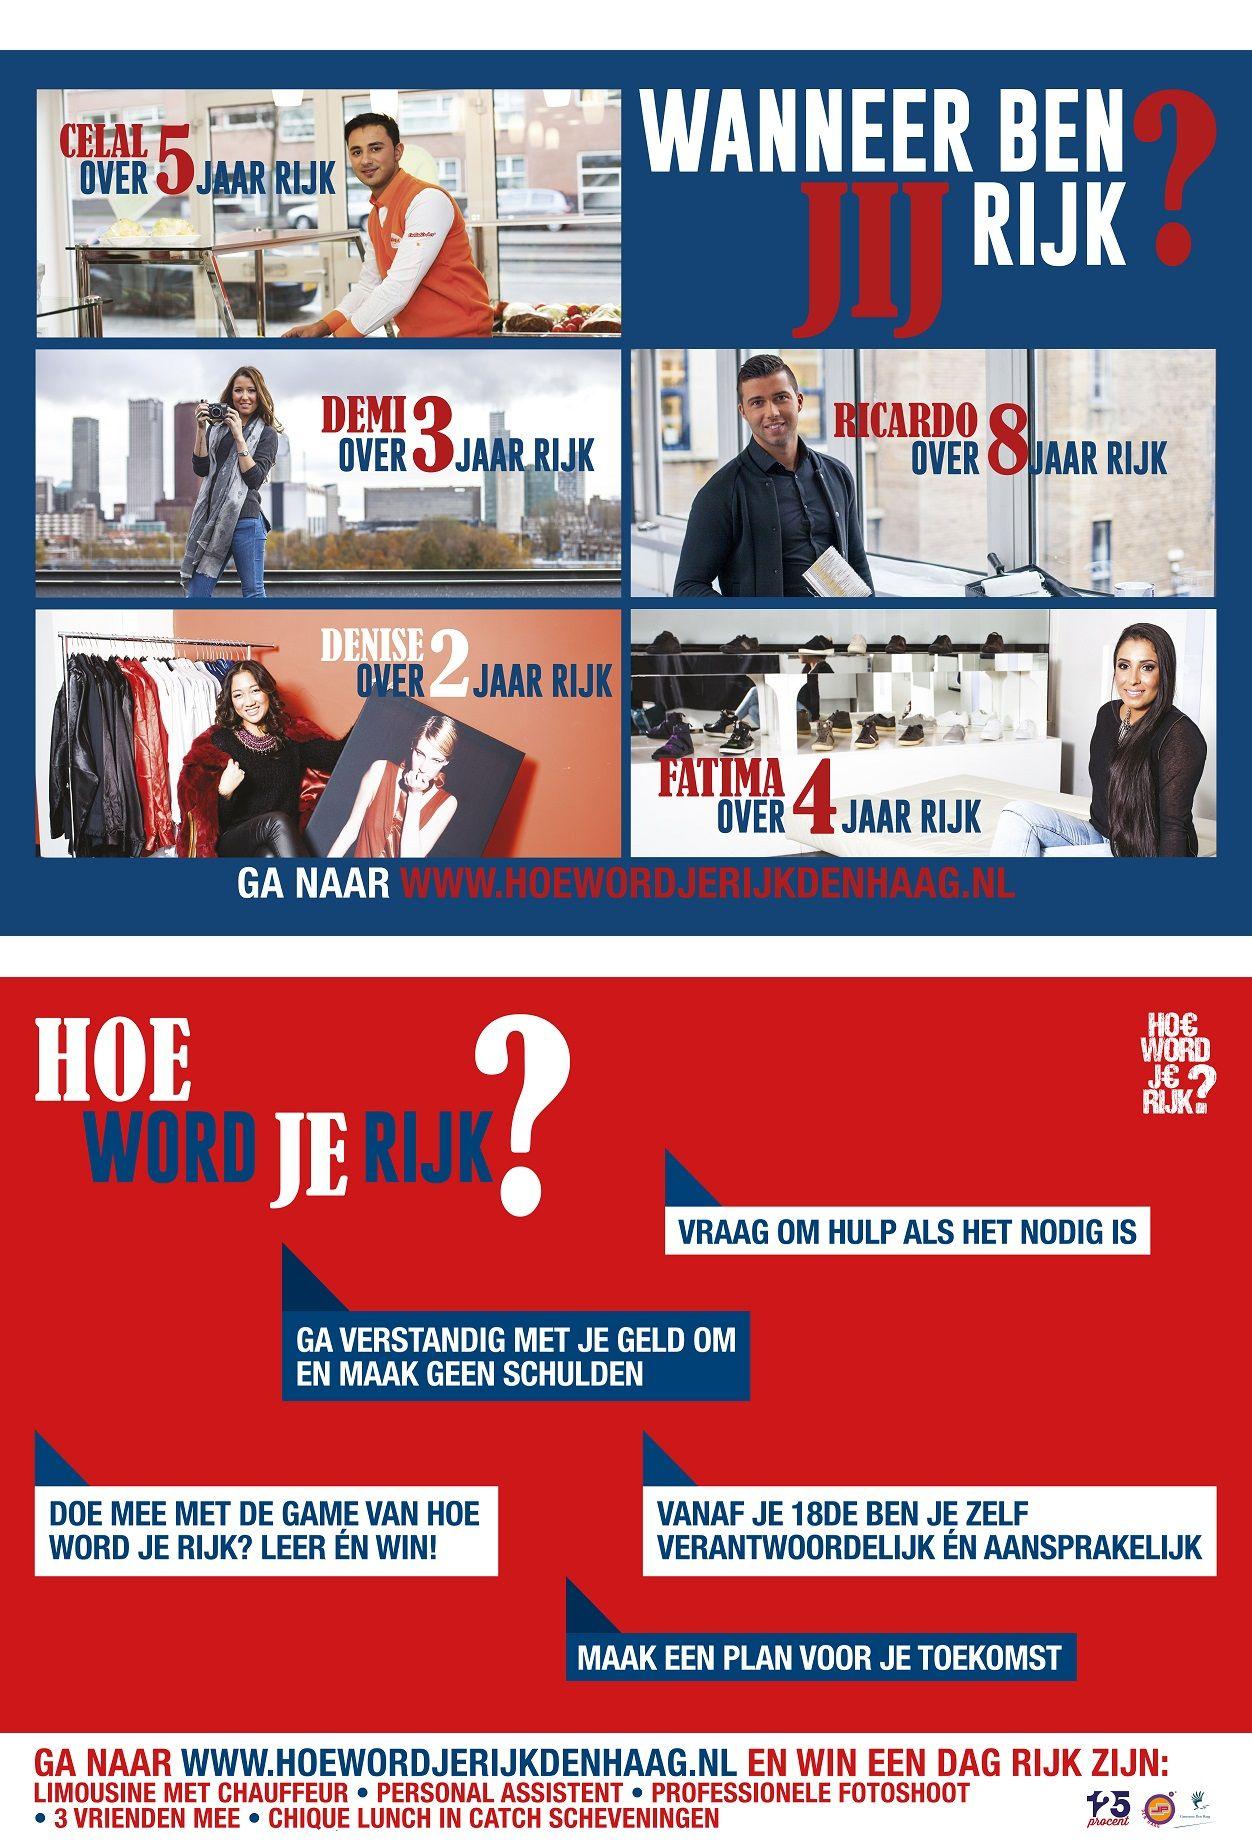 Flyer 'Hoe word je rijk? Den Haag', voorkant en achterkant * www.hoewordjerijkdenhaag.nl * by Alan Bredenhorst | 125Procent